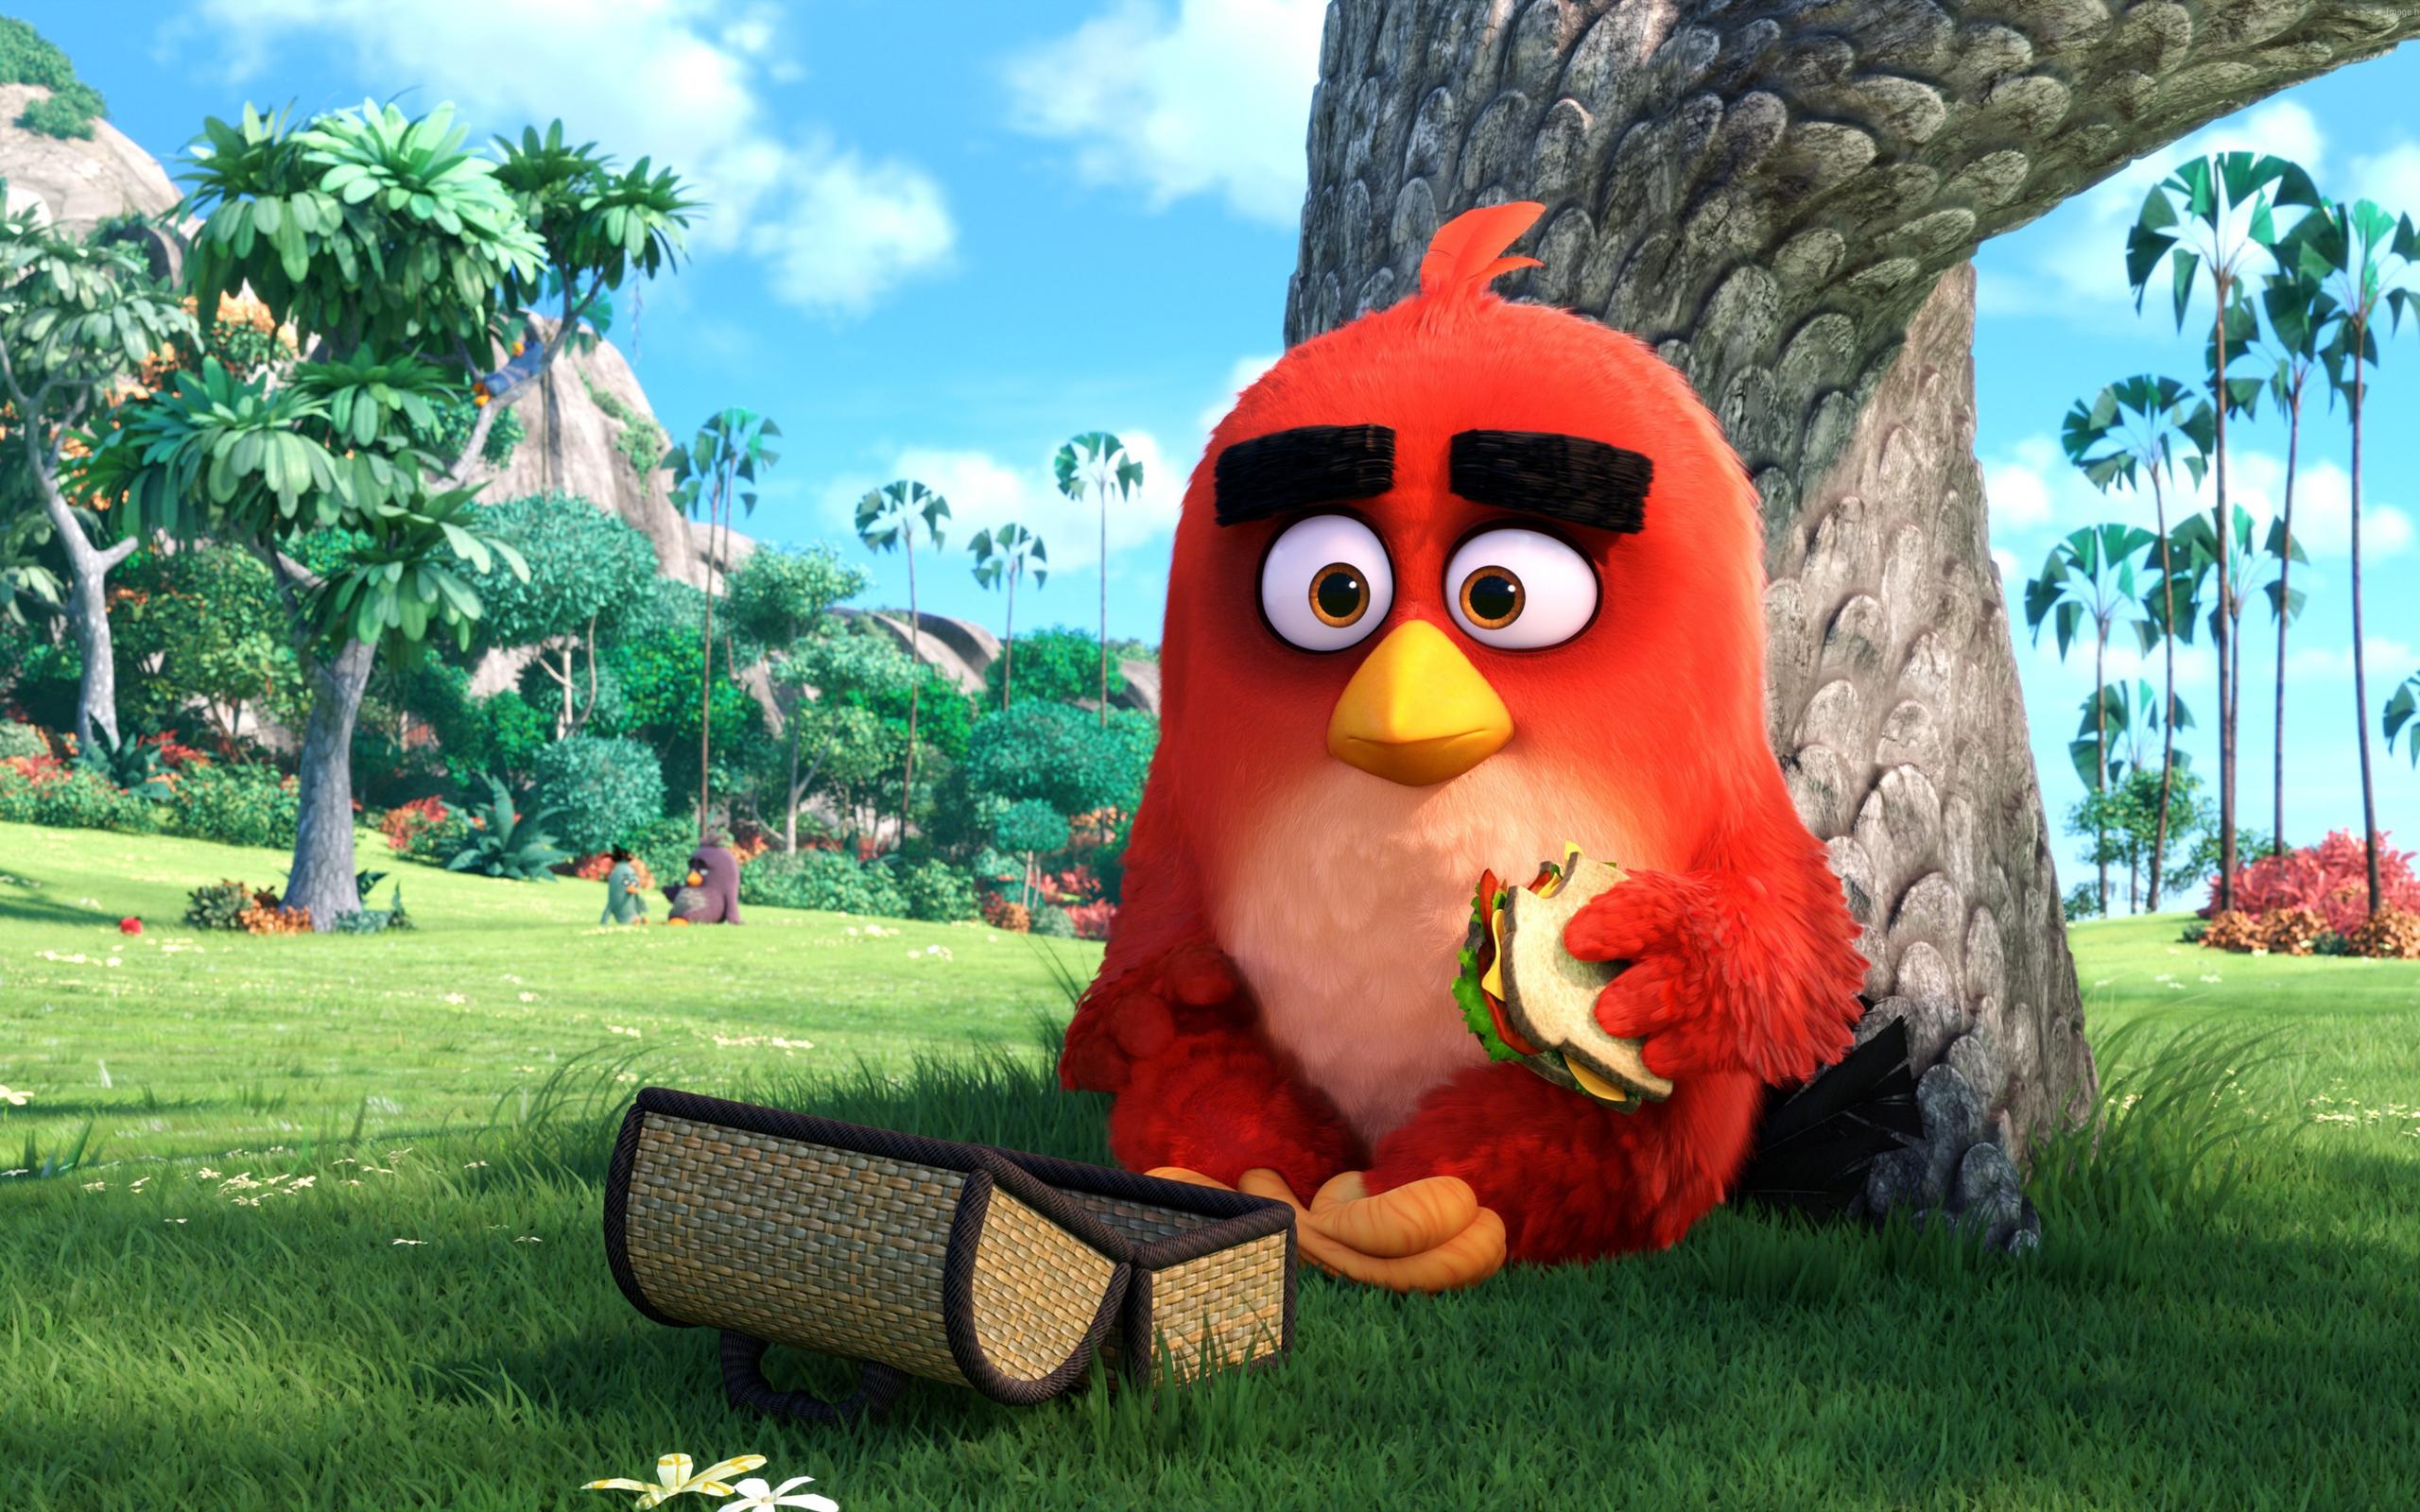 Скачать мультфильм angry birds в кино mp4 на телефон бесплатно.